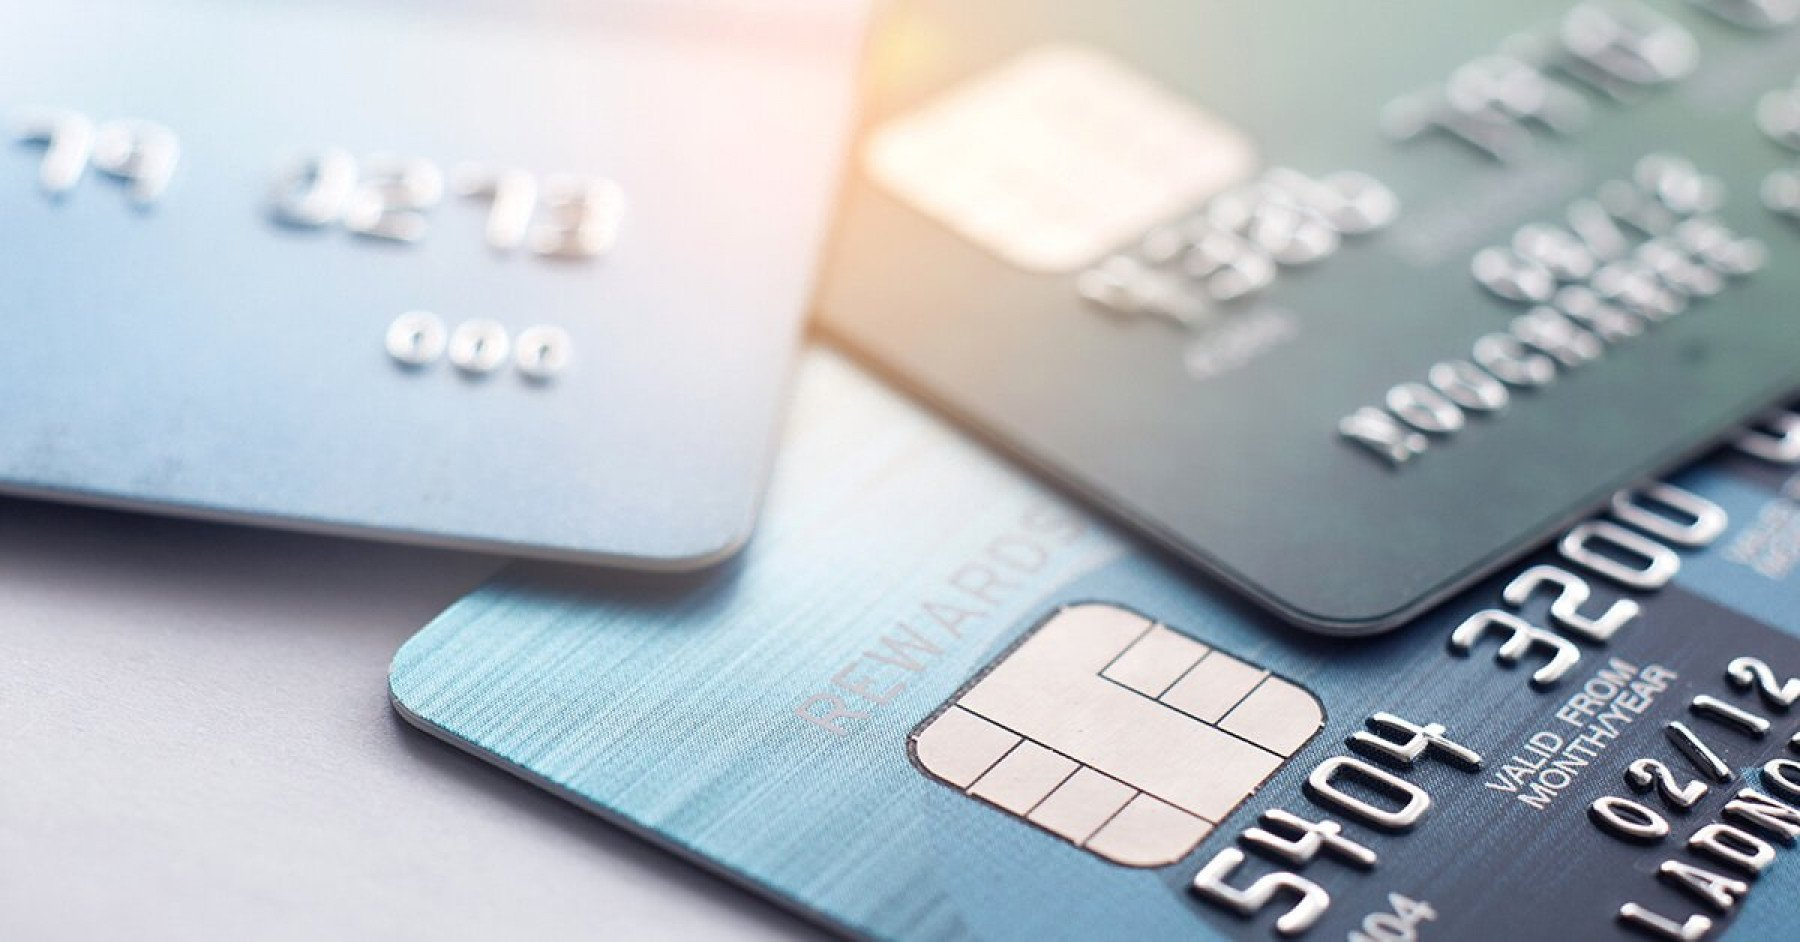 Tre kreditkort ligger på ett bord